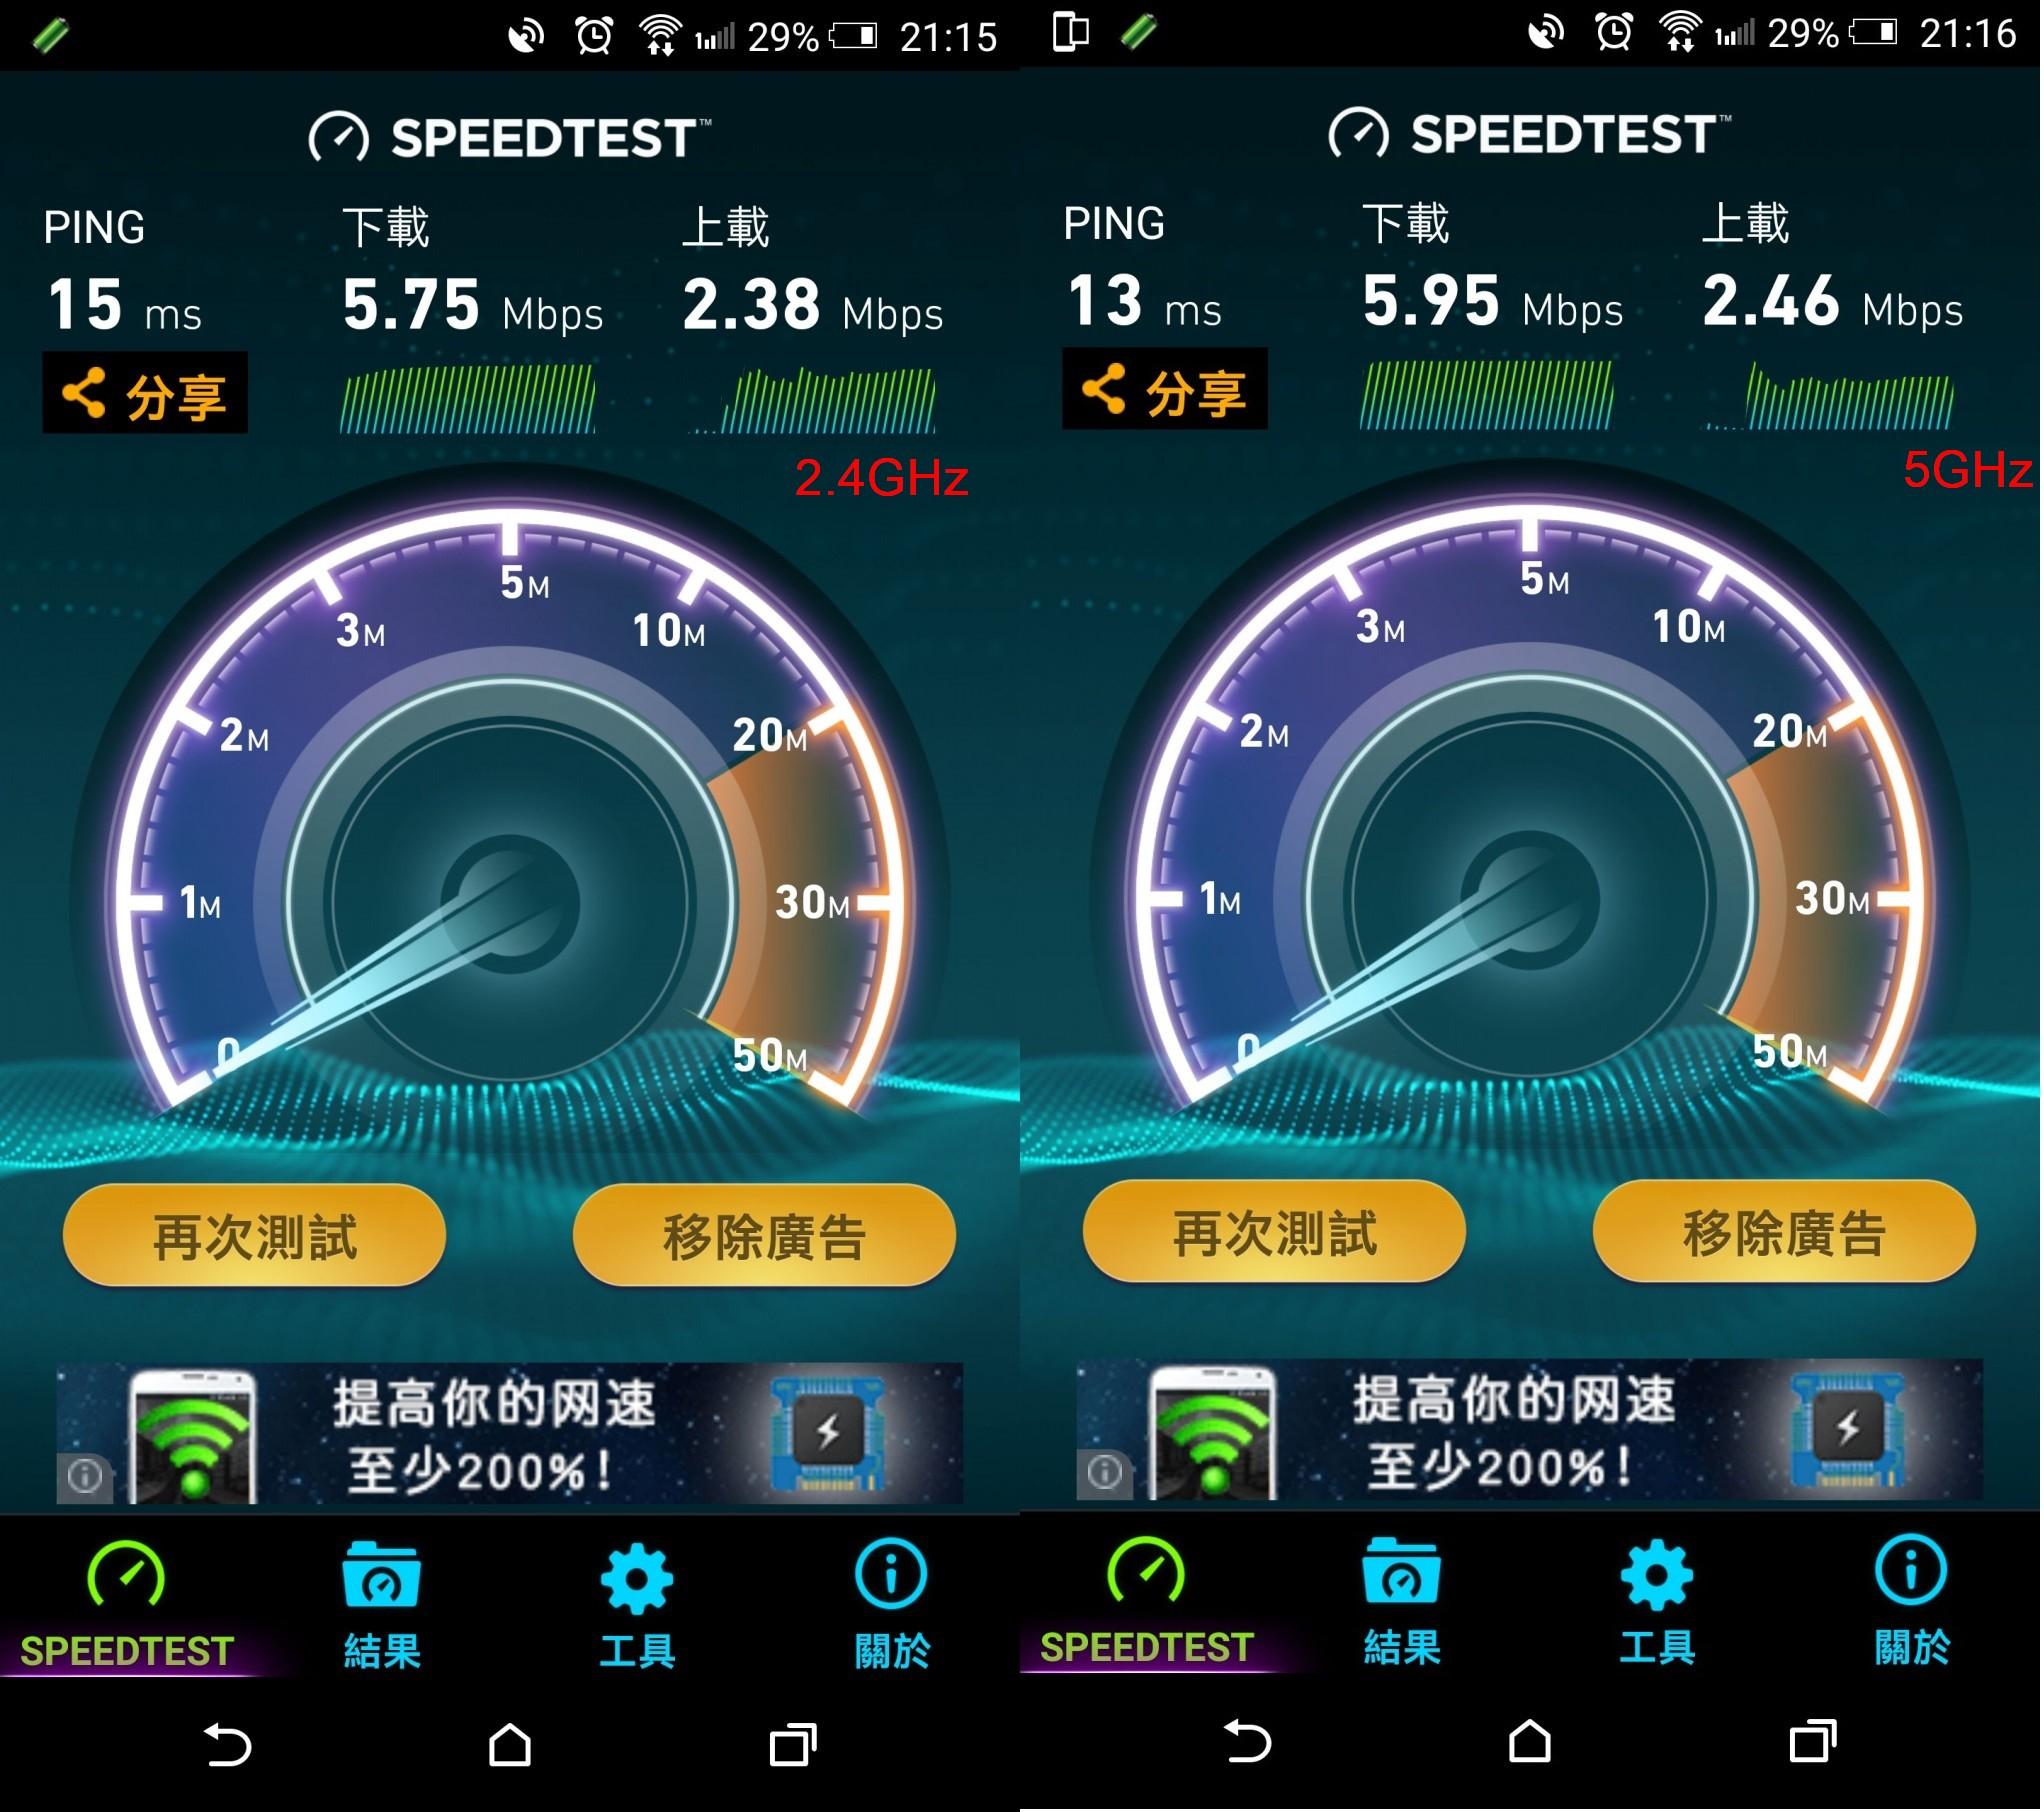 Приложение Speedtest получило встроенный VPN